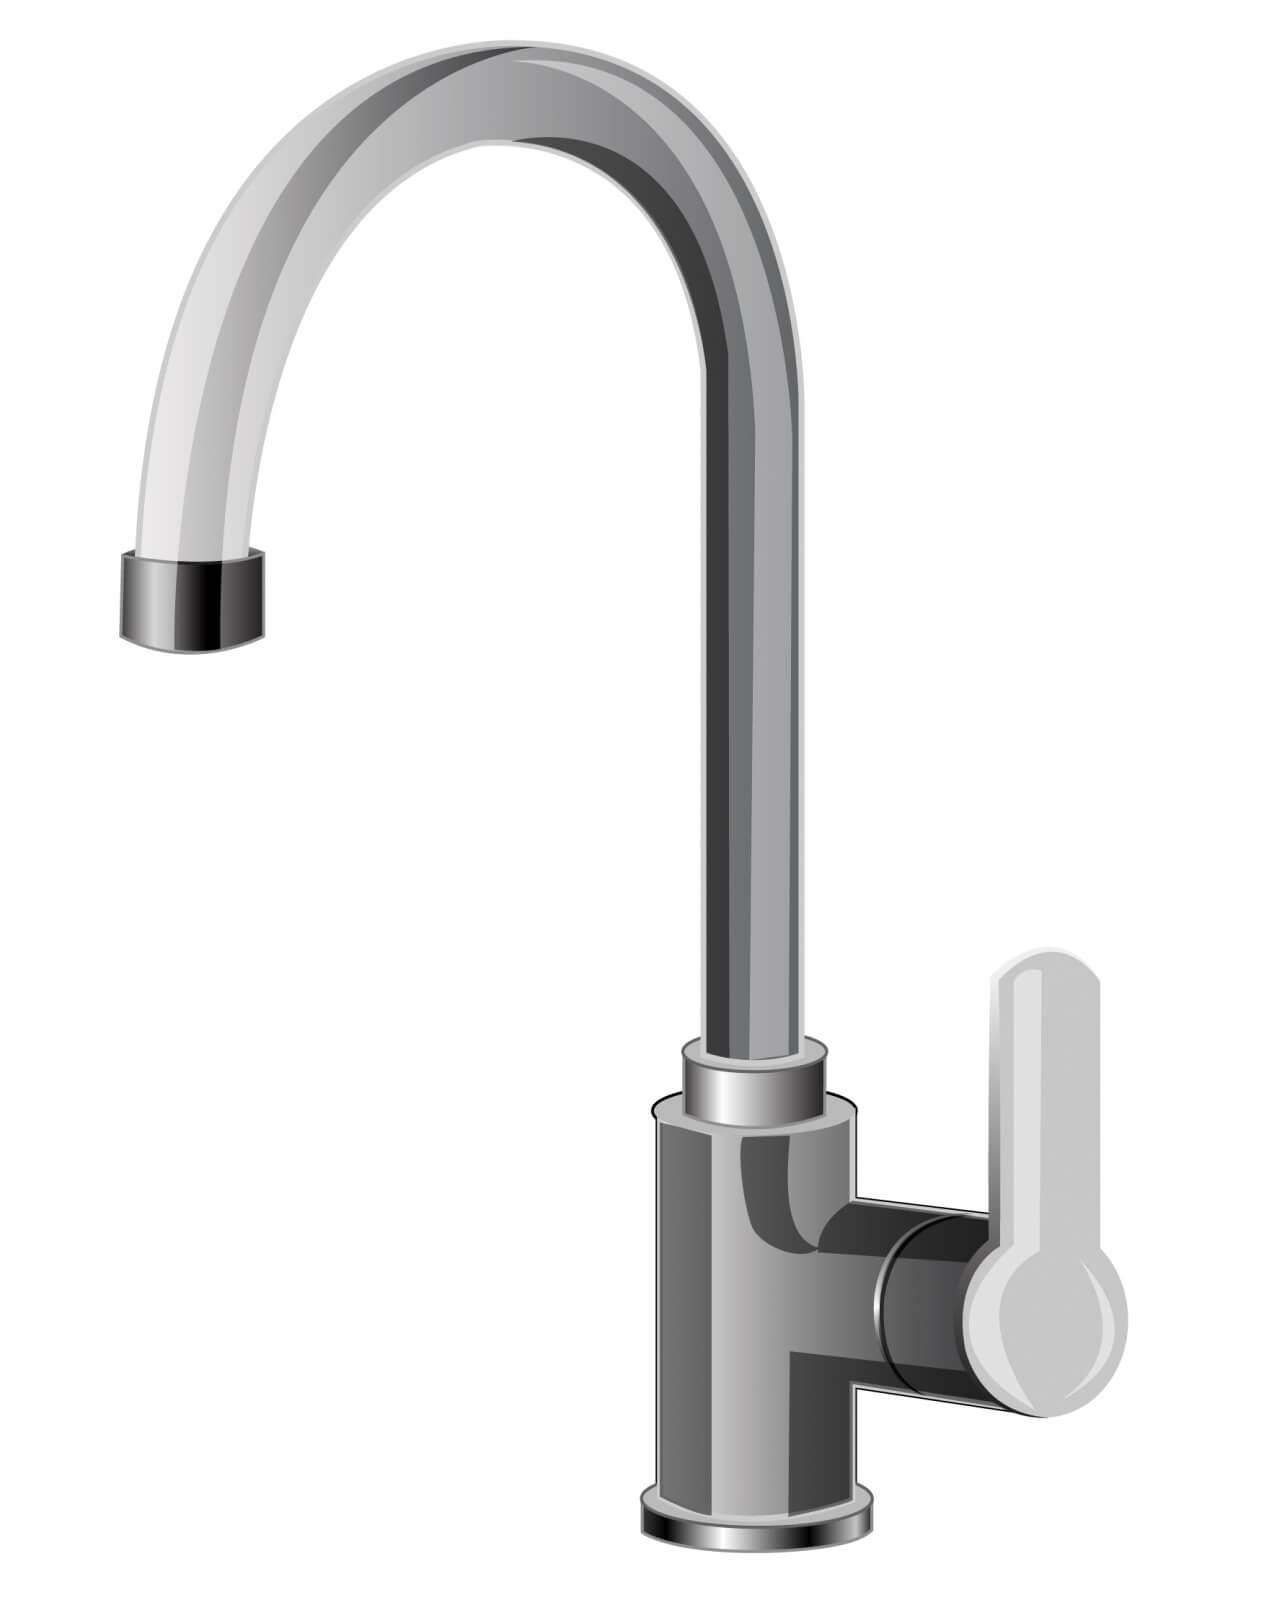 Aberdeen kitchen plumbing